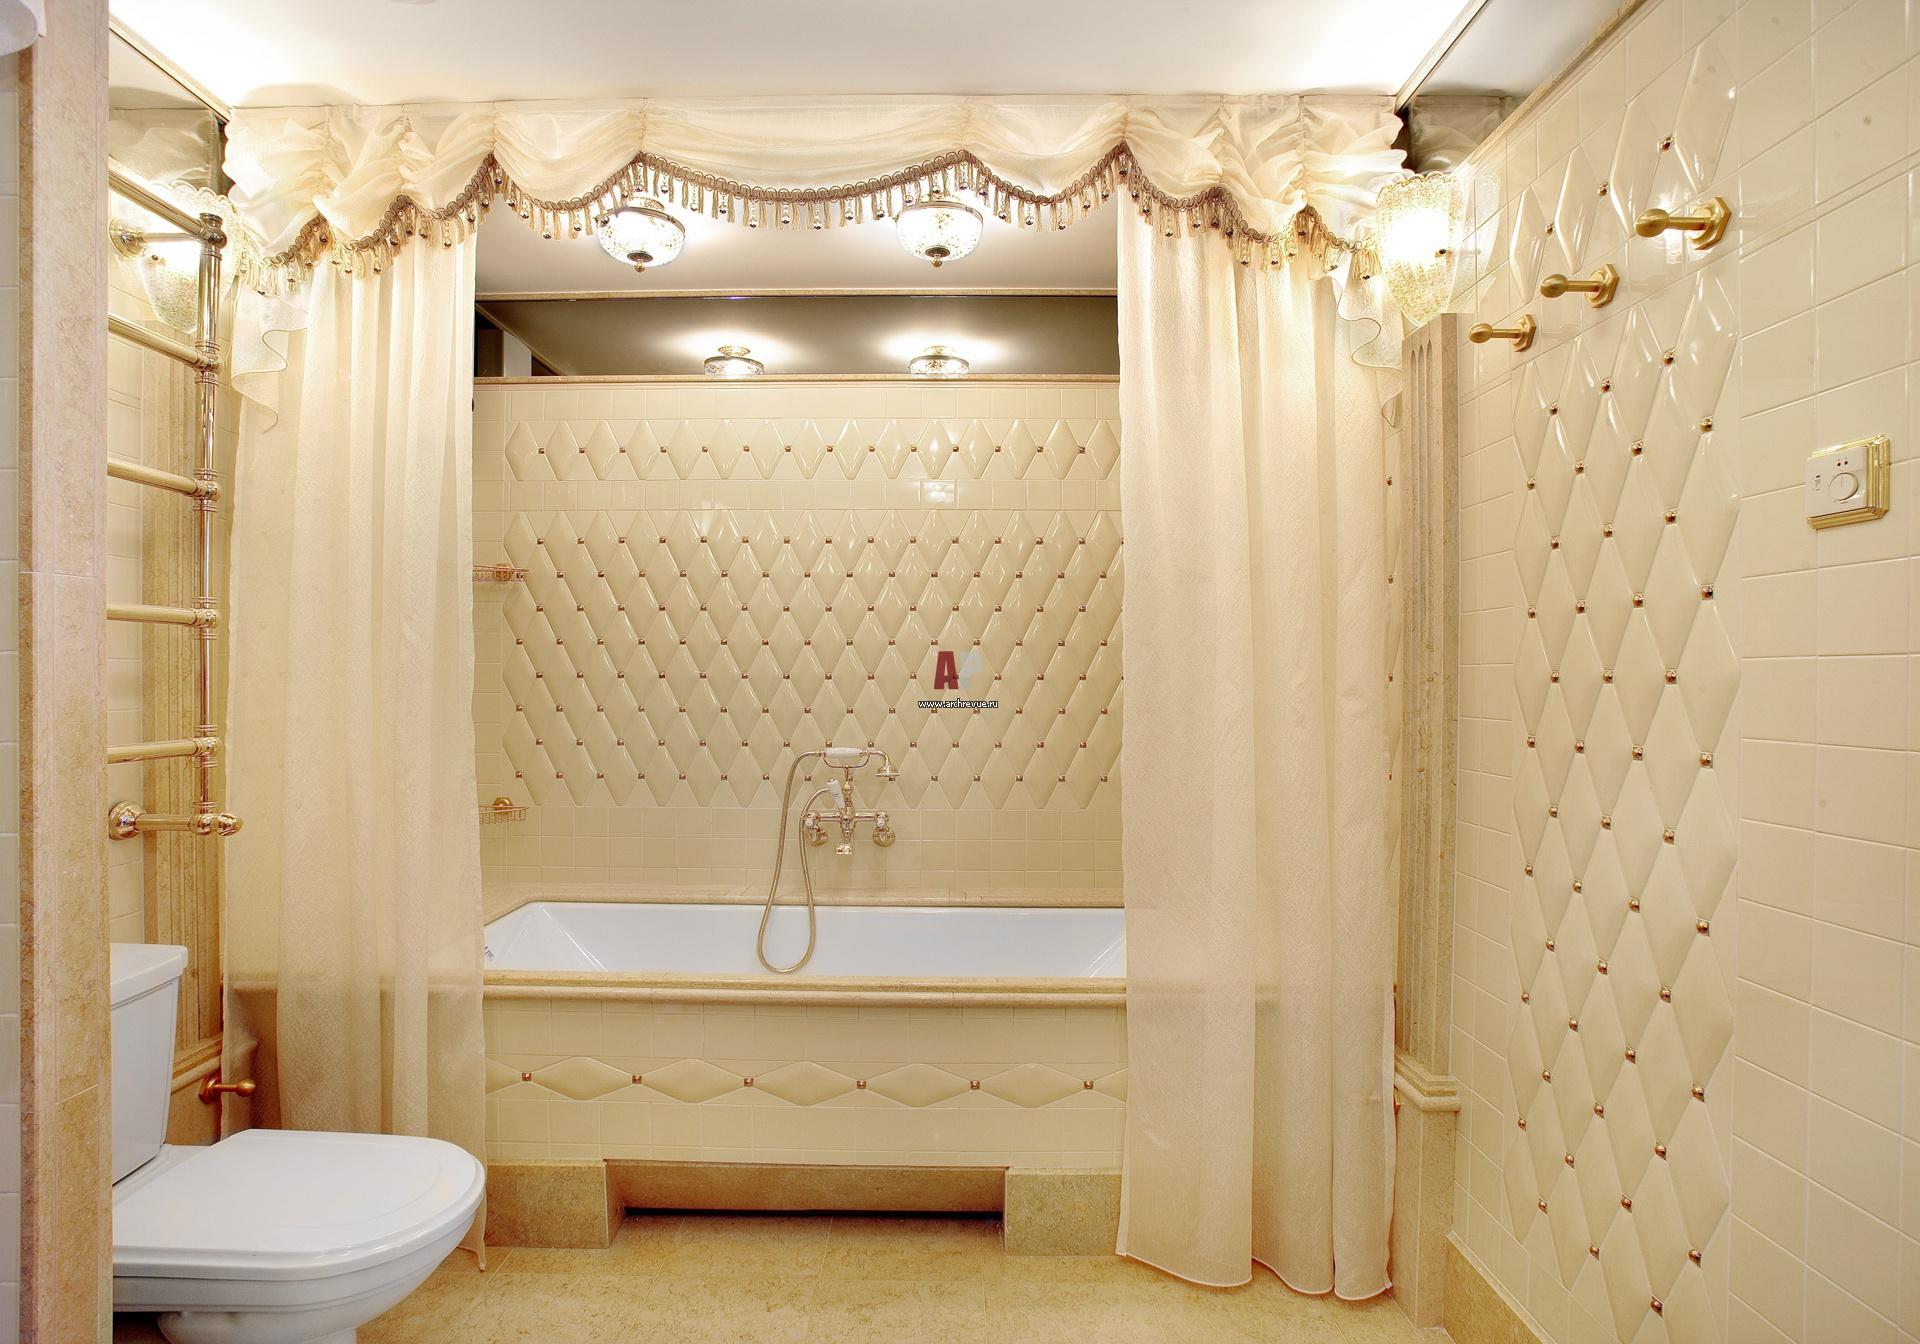 совмещенных ванной комнаты и туалета